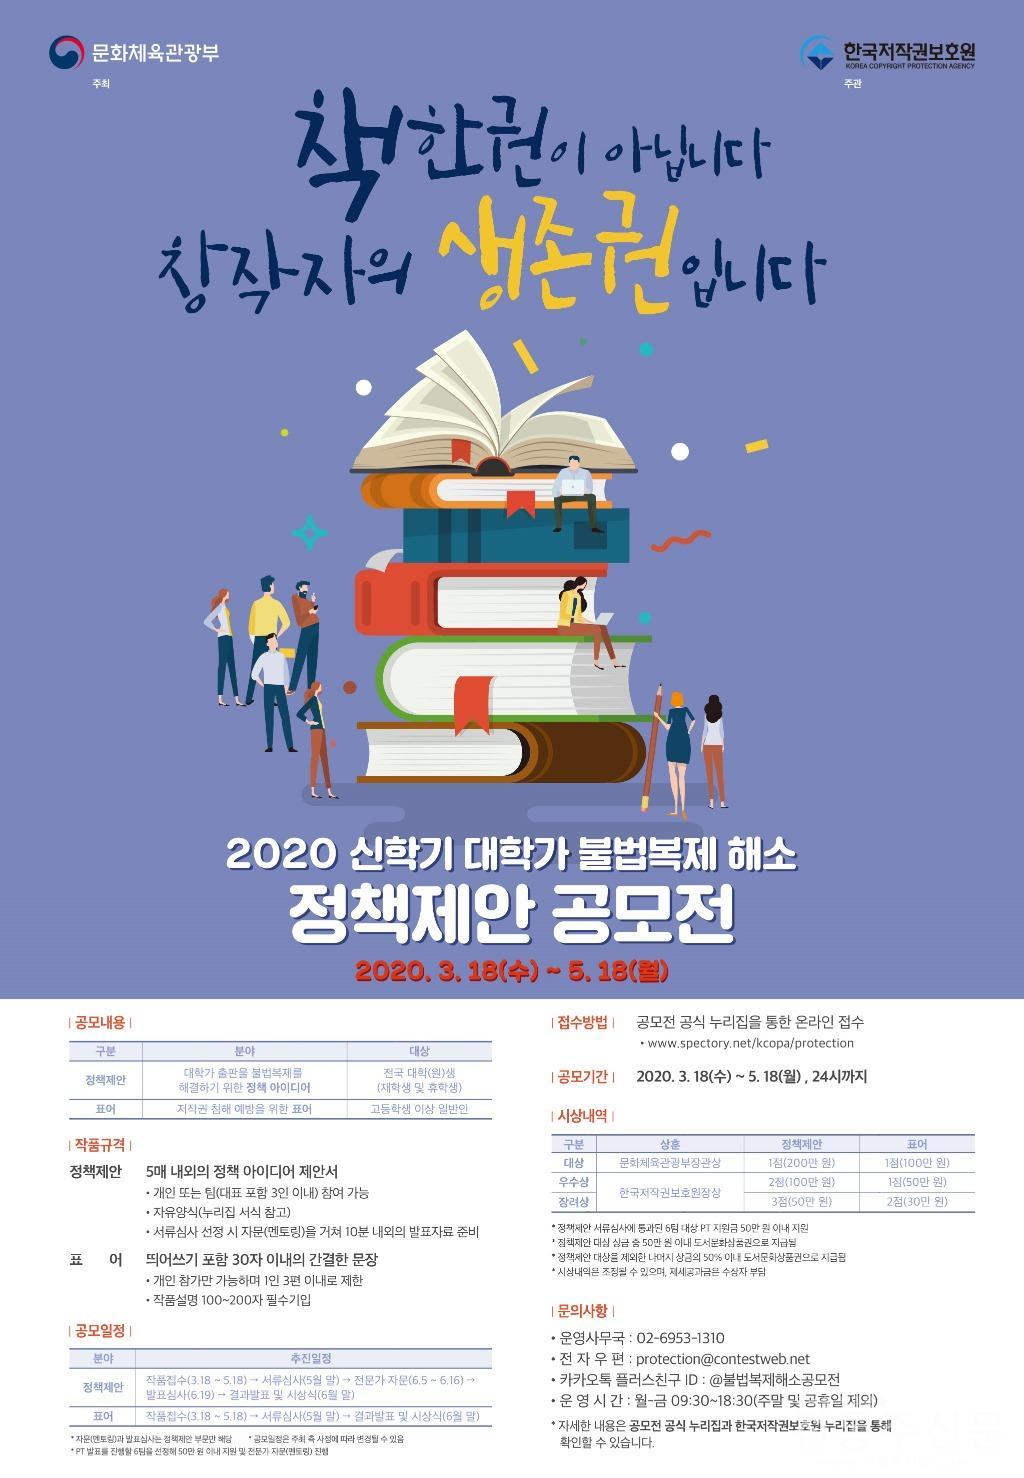 '대학가 학술 교재 불법복제 해소 위한 정책제안 공모전' 개최.jpg